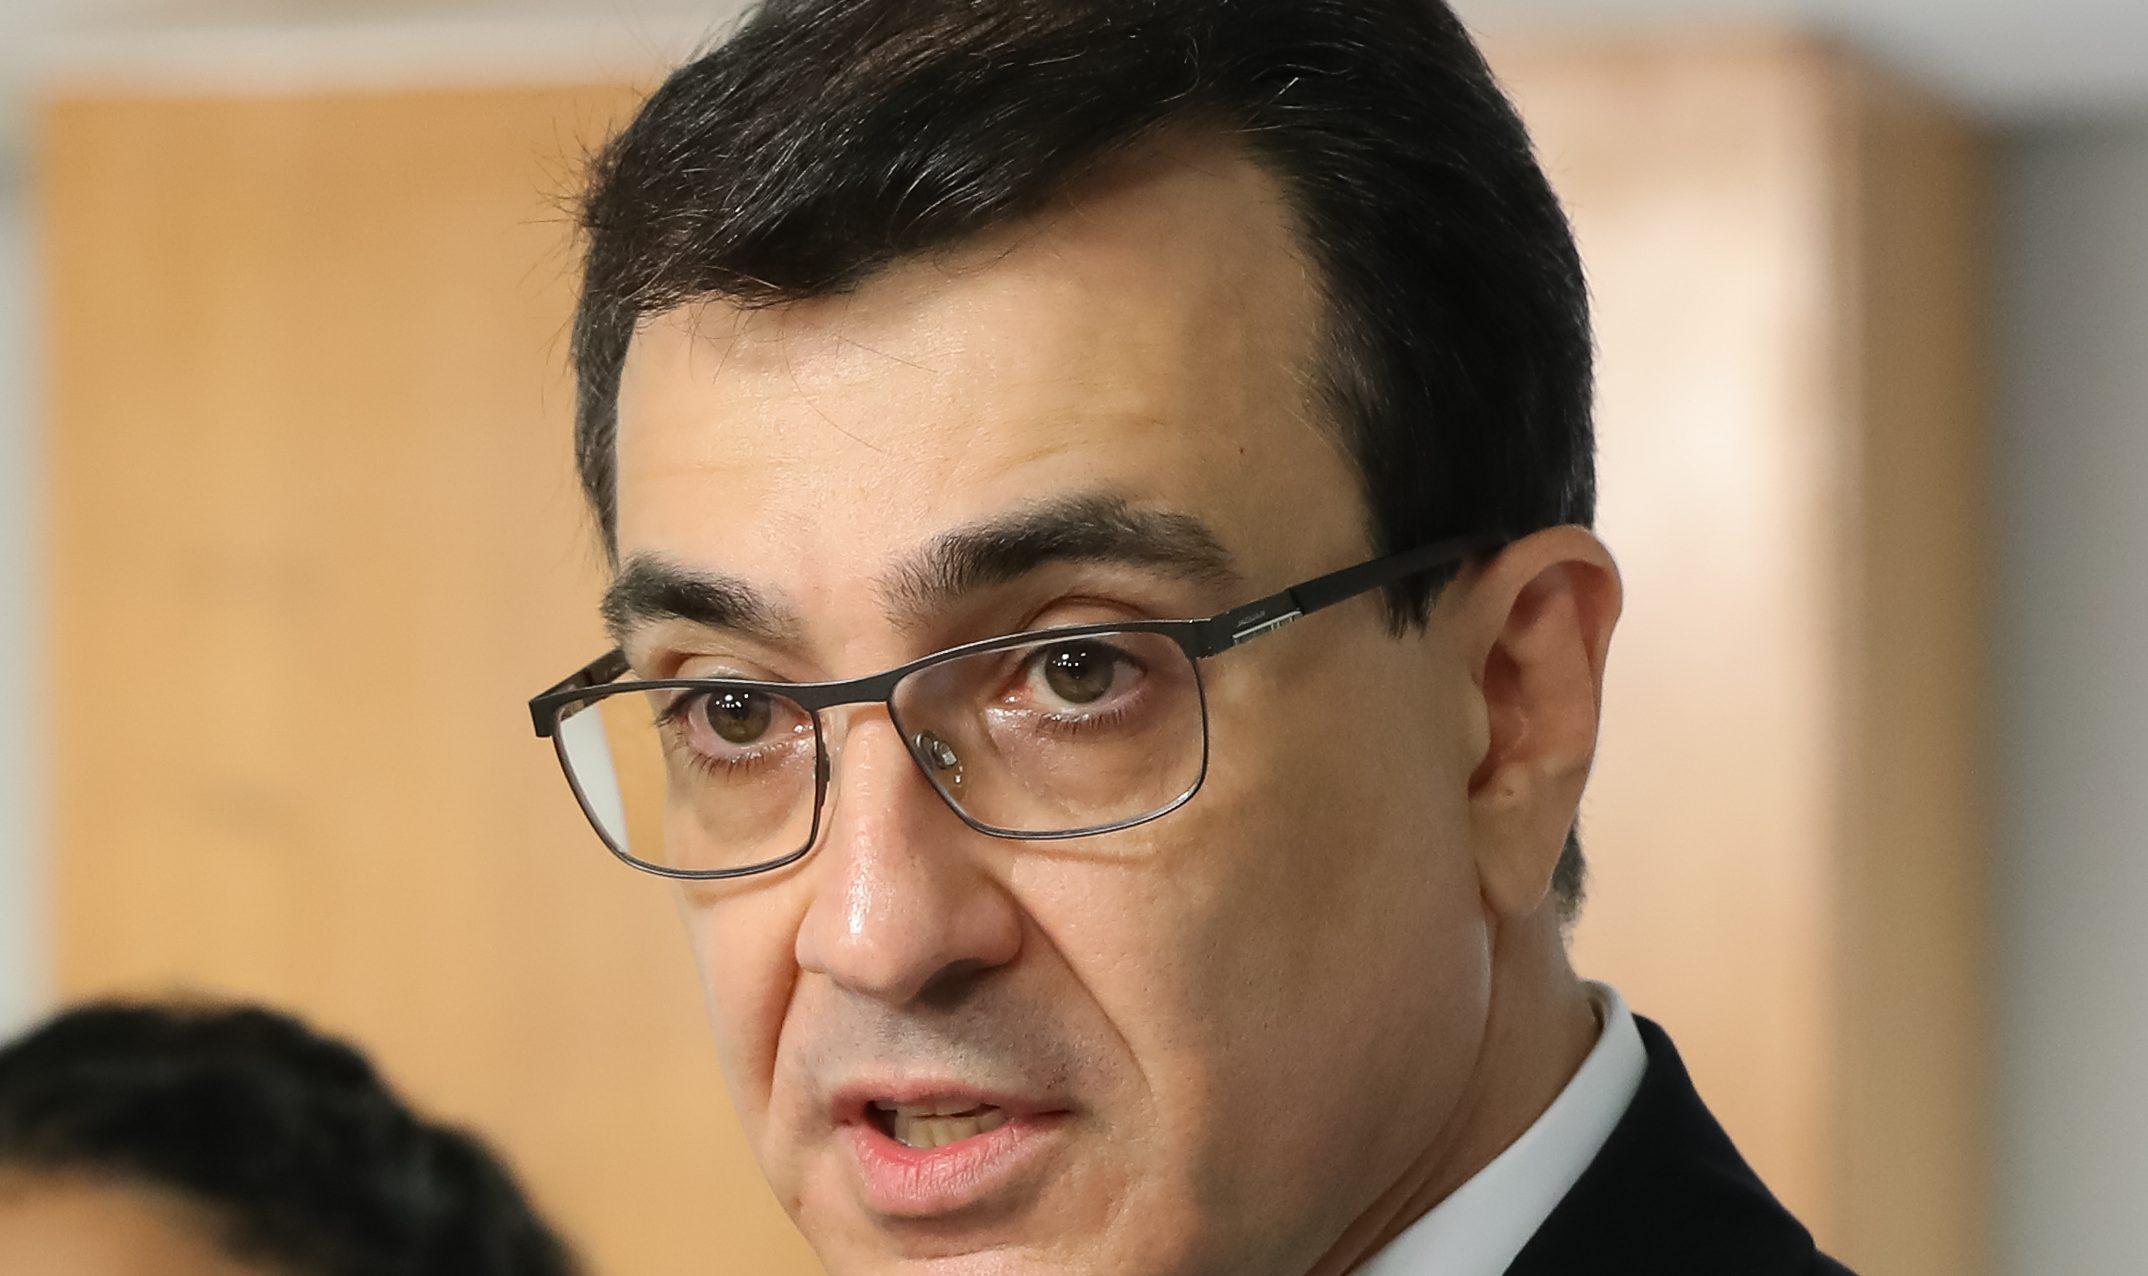 Novo chanceler tenta antecipar entrega de doses de vacinas em reunião com diretor-geral da OMS